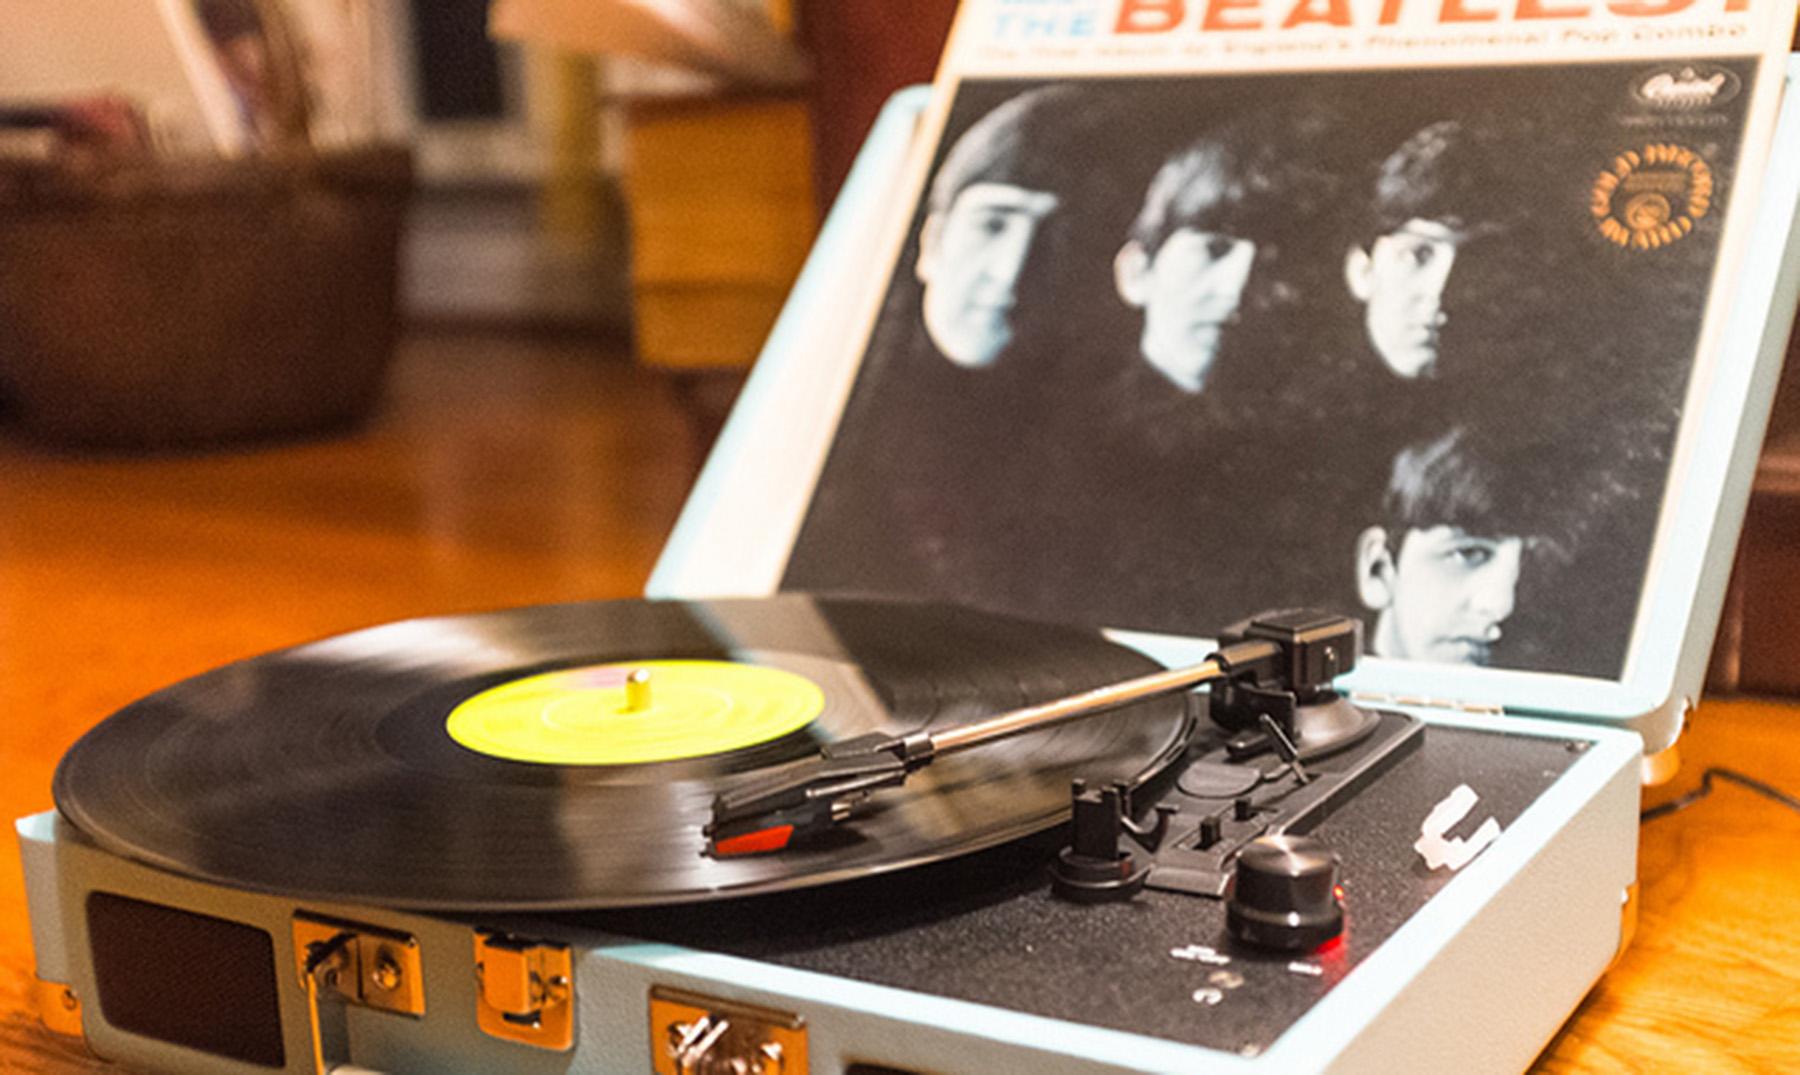 ¿Vuelven los viejos discos de vinilo?